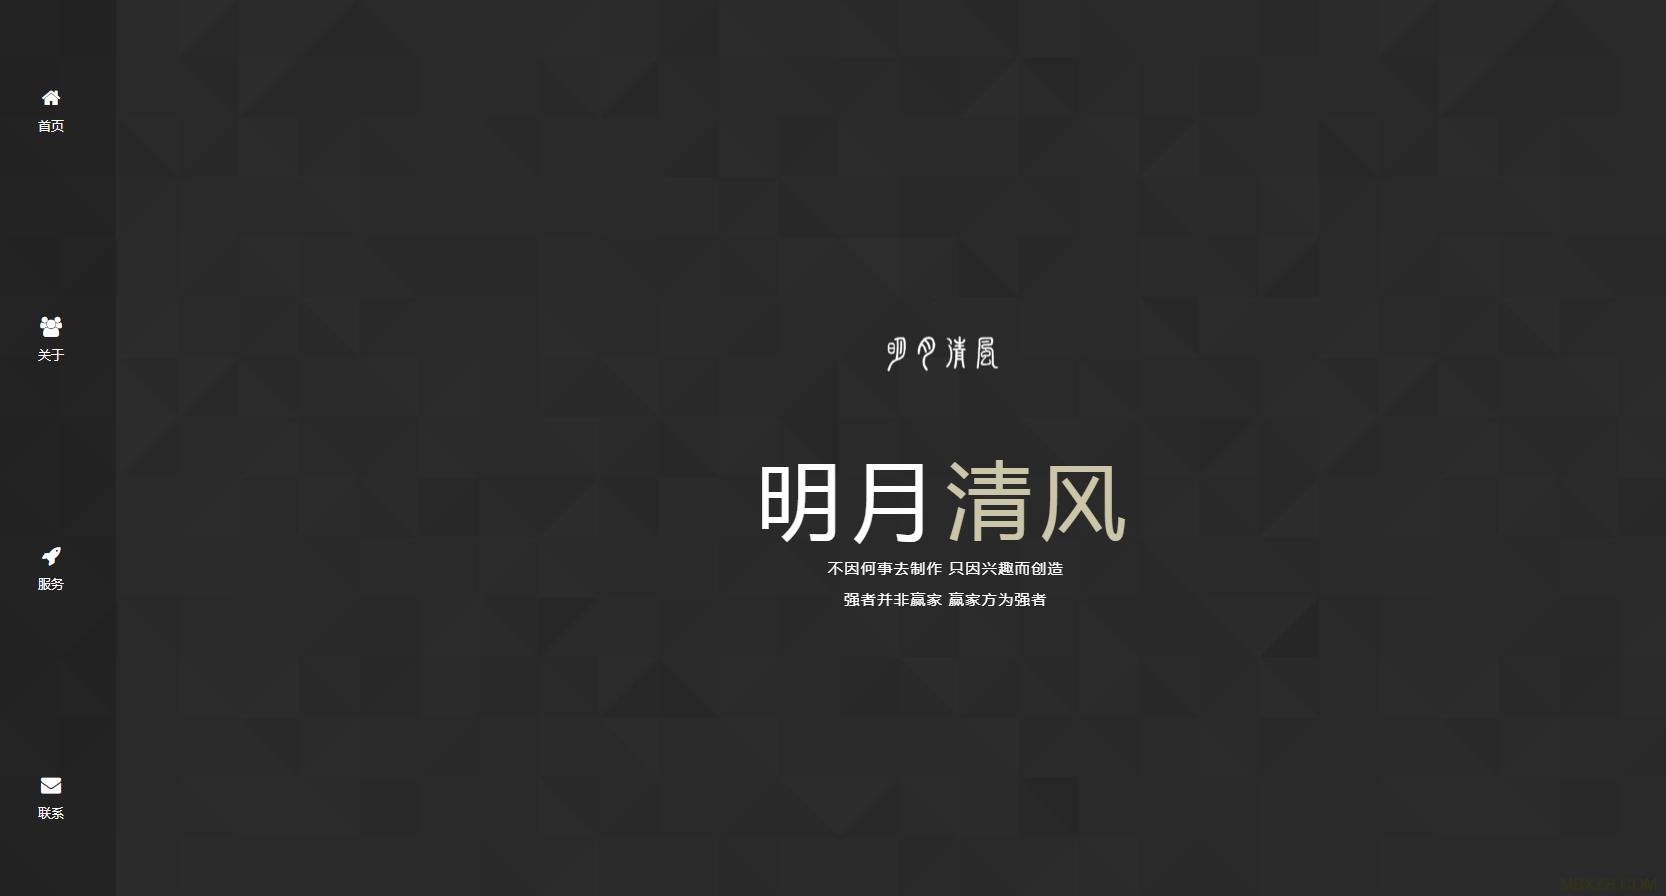 明月清风个人主页源码+两套APP下载页源码